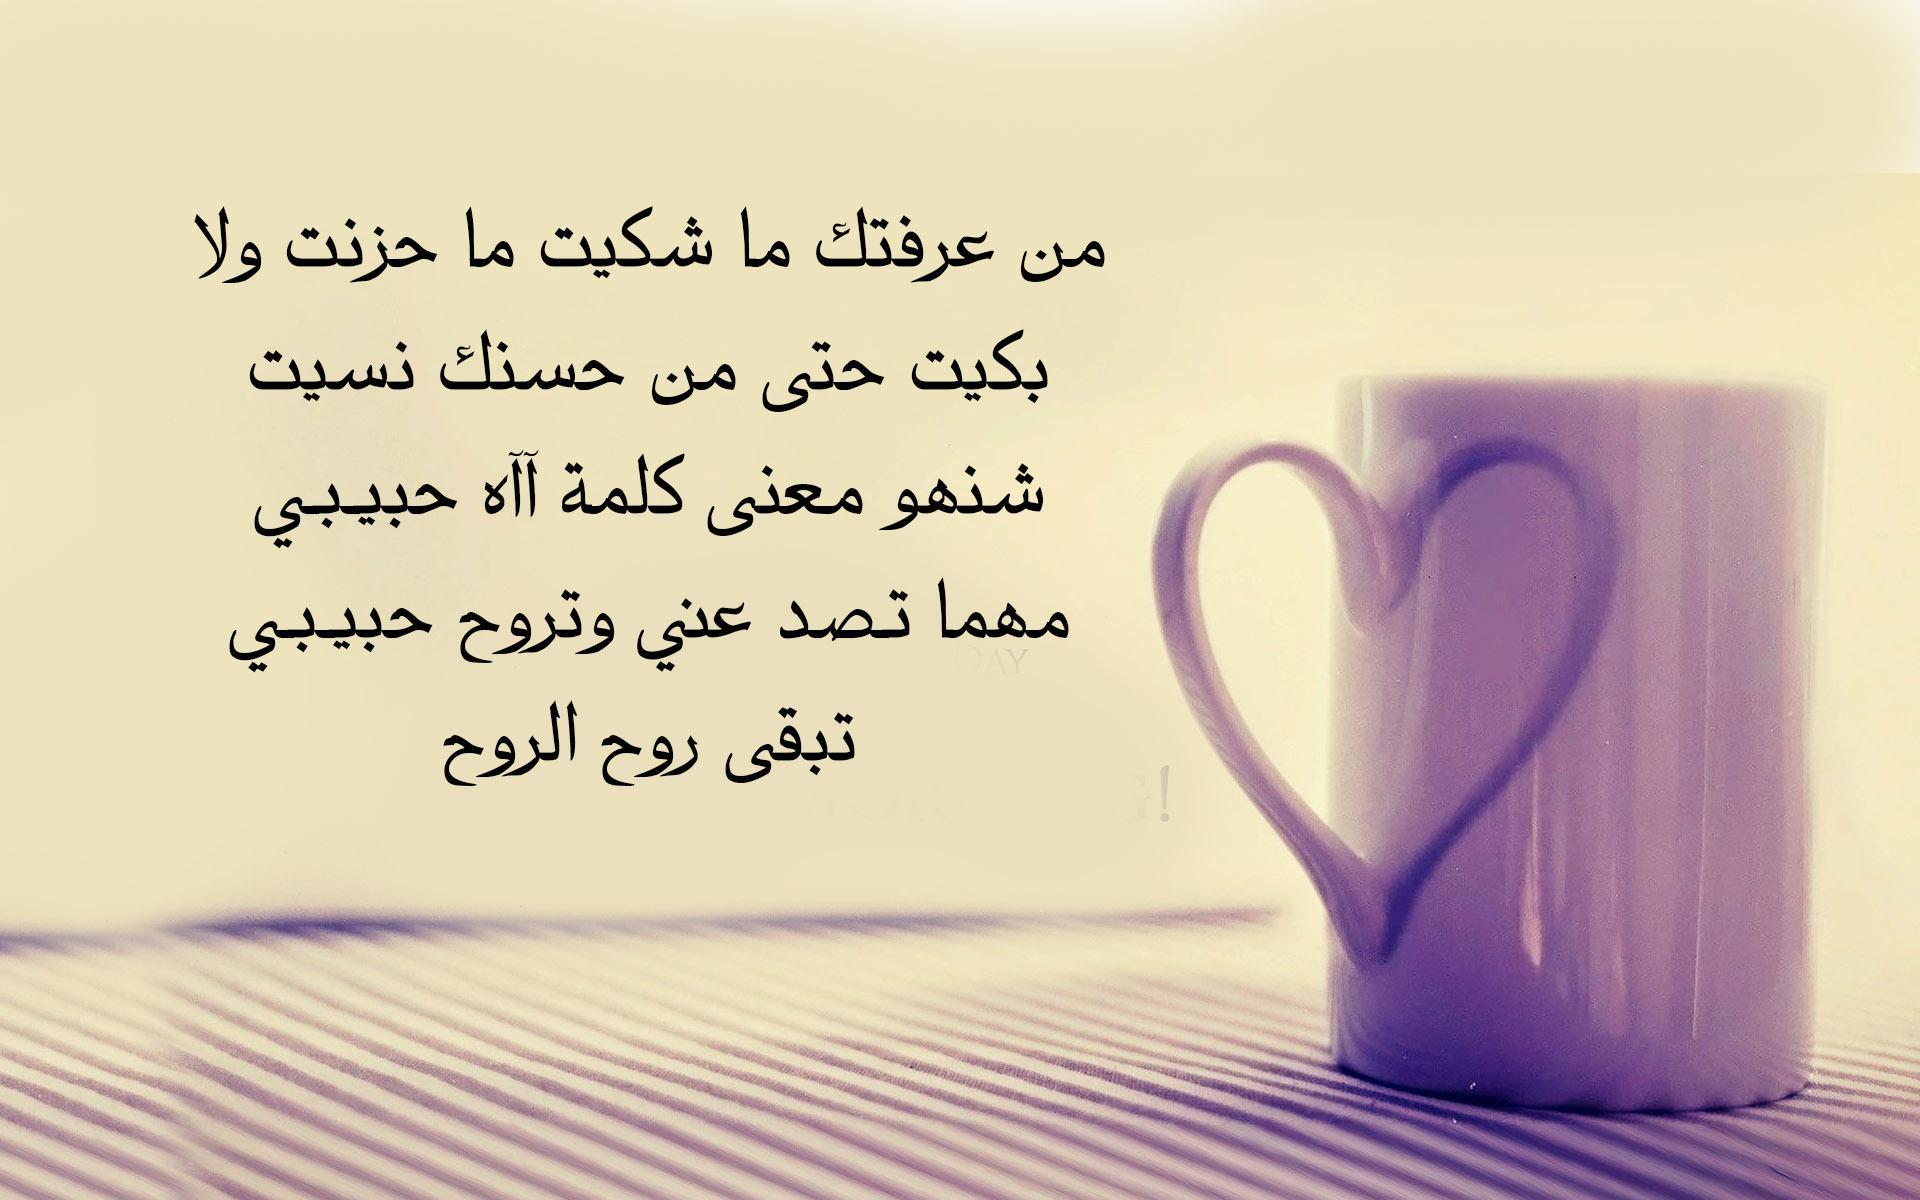 بالصور عبارات قصيره جميله , كلمات حلوة عن الحياة 3898 12